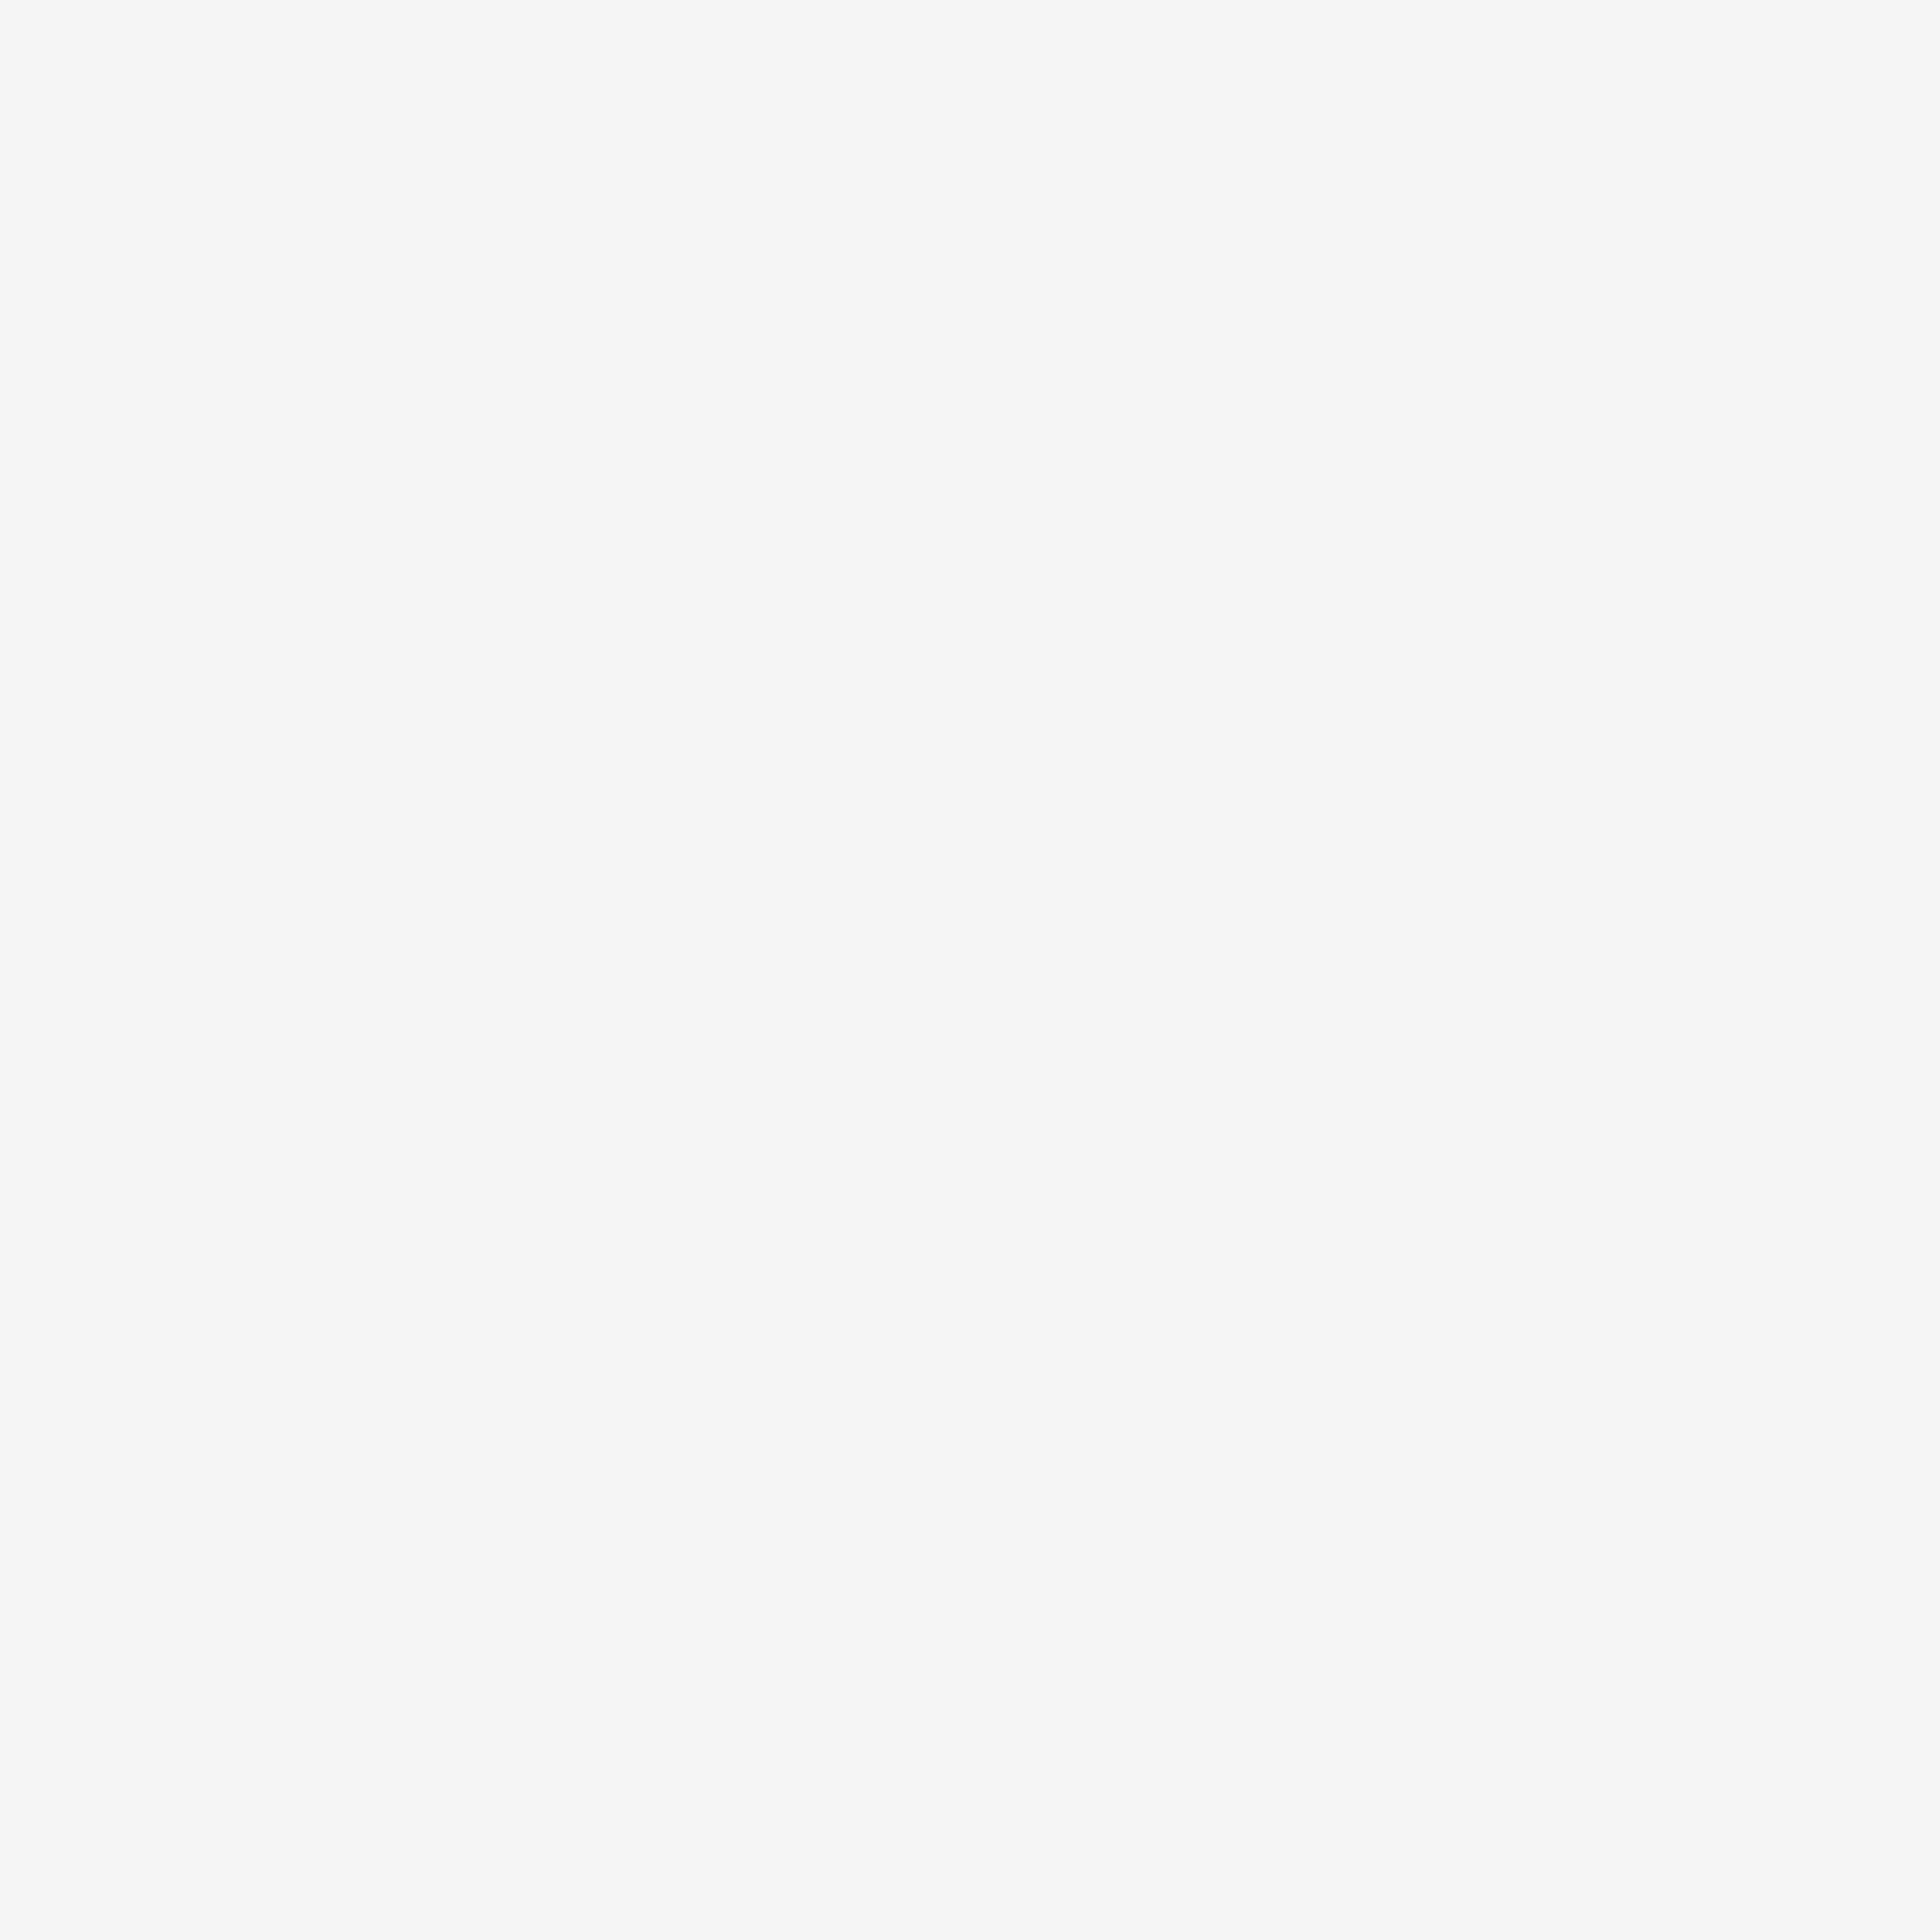 UGG Australia Slippers joni 1019967 roze Kopen Goedkope Echte Koop Lage Prijs Een Vergoeding Verzendkosten 3oNQl